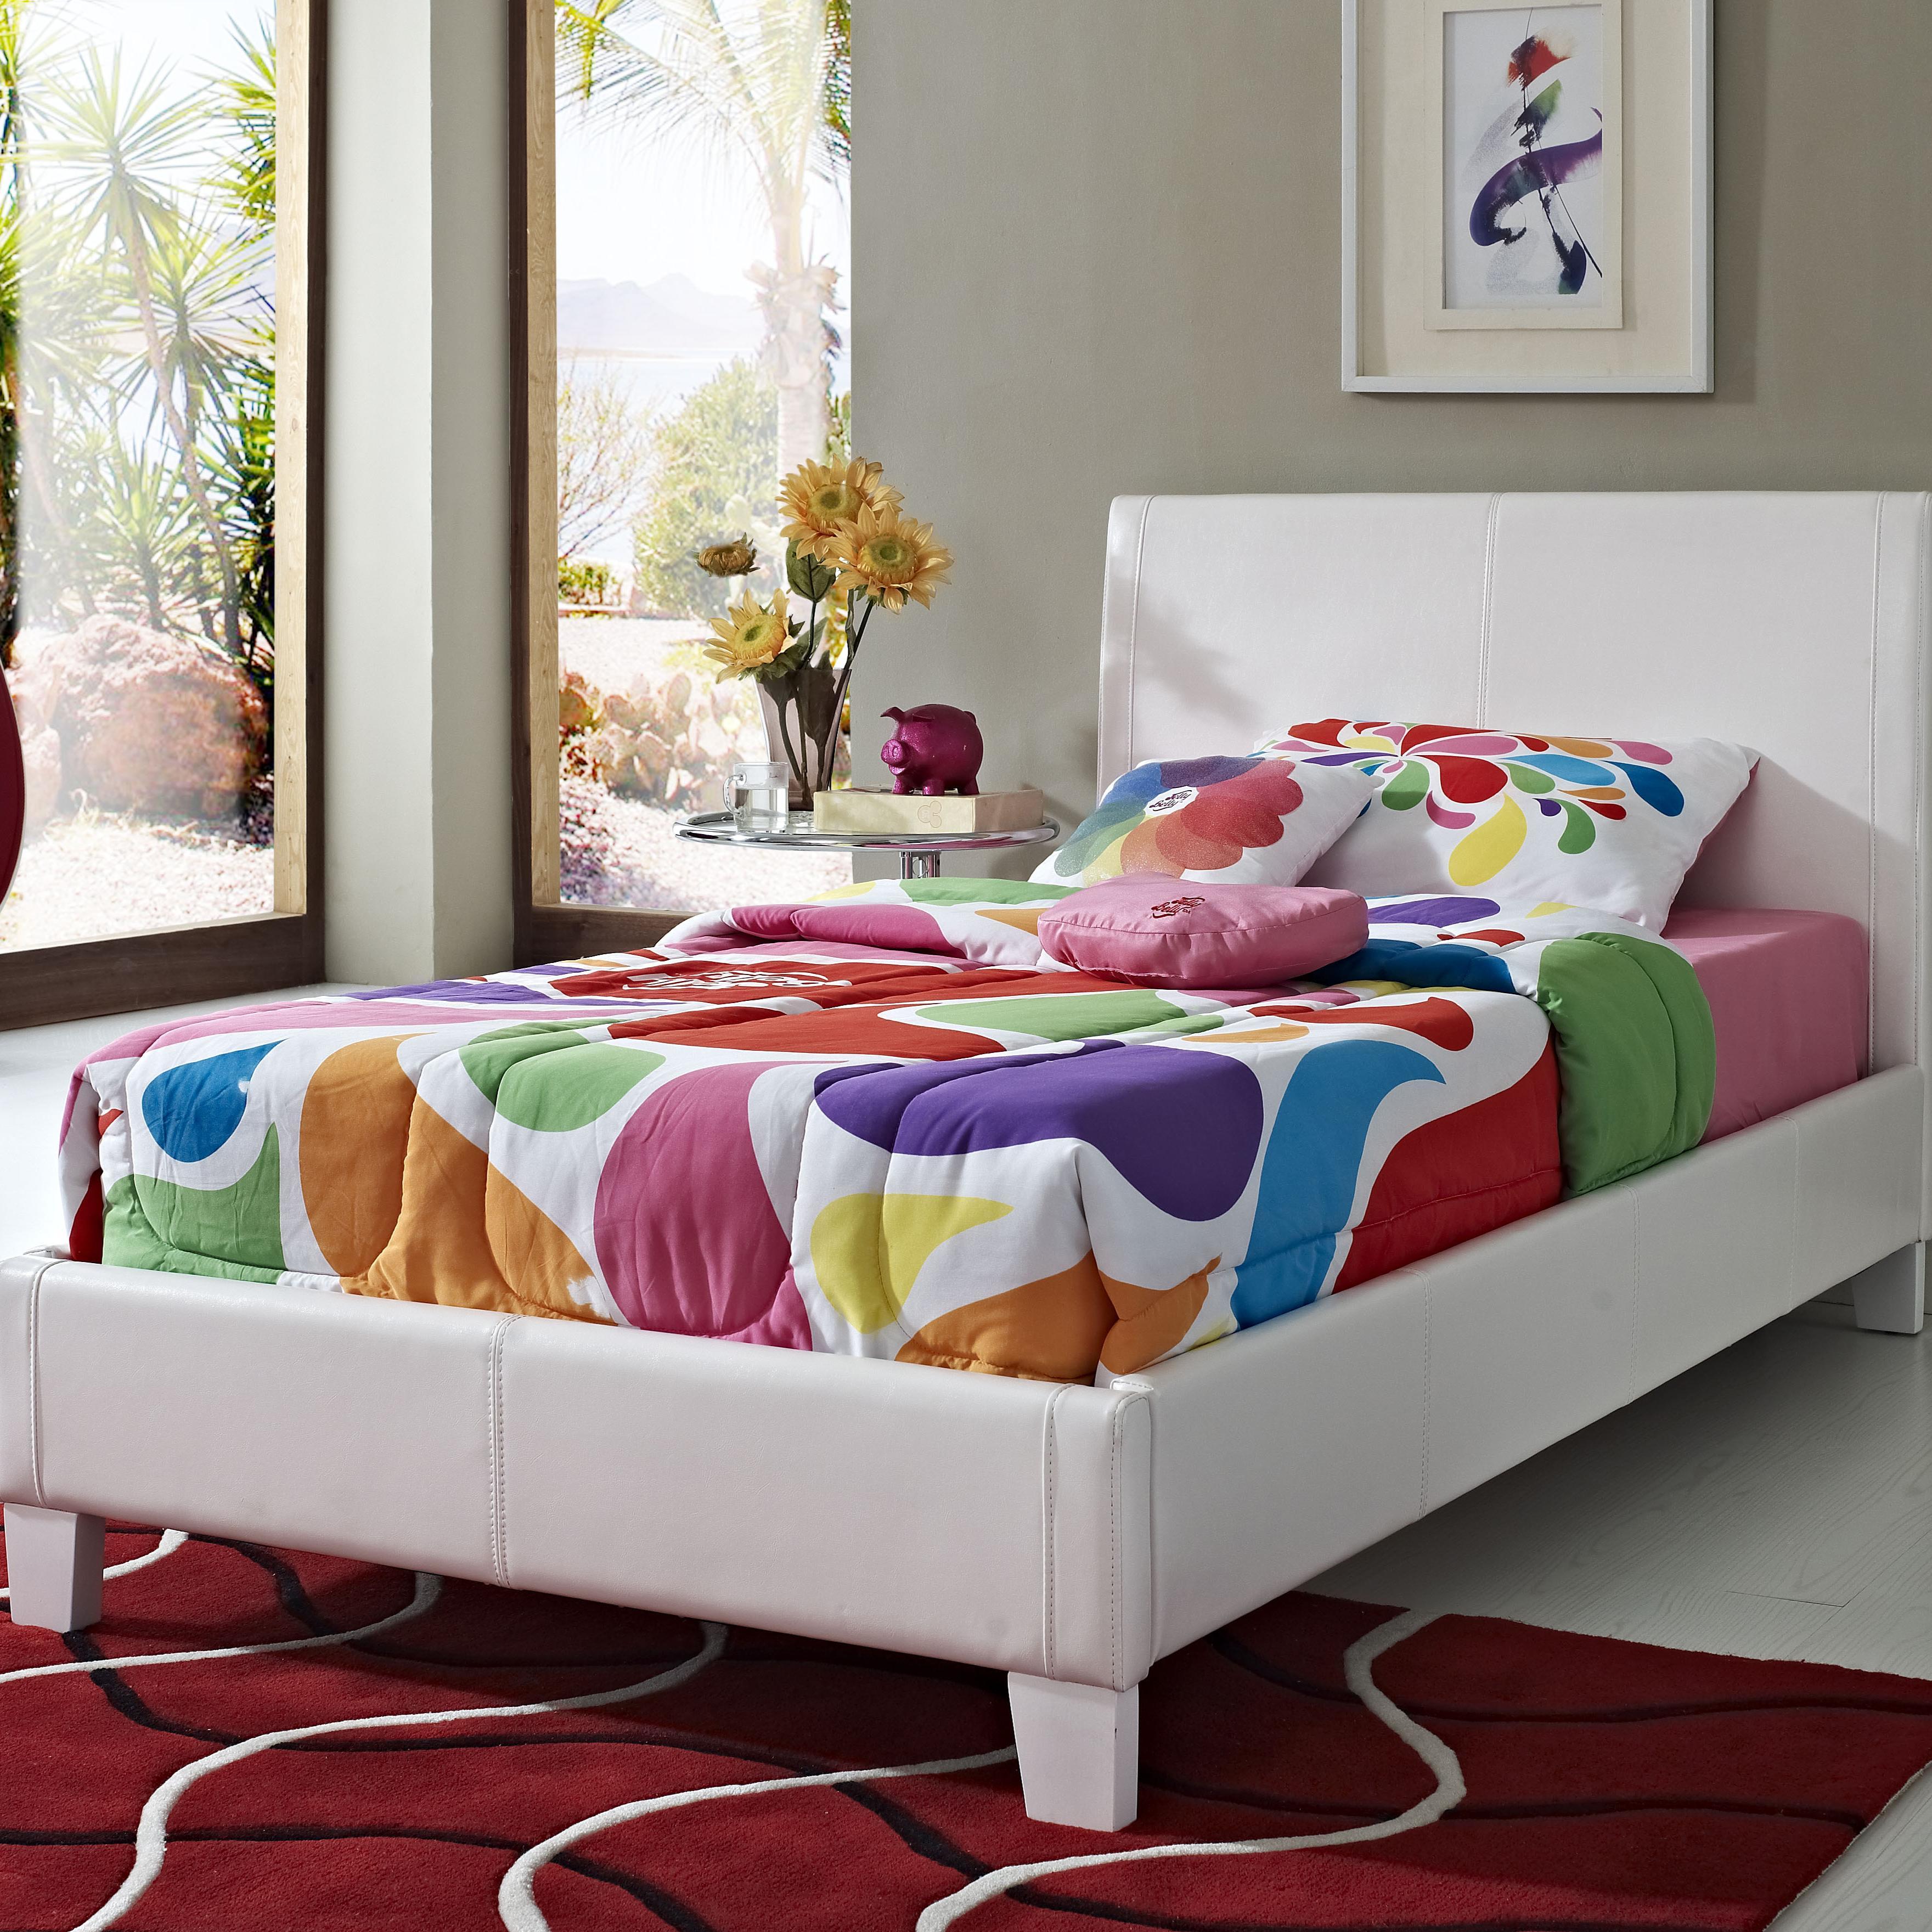 Standard Furniture Fantasia Full Upholstered Bed - Item Number: 60786+96